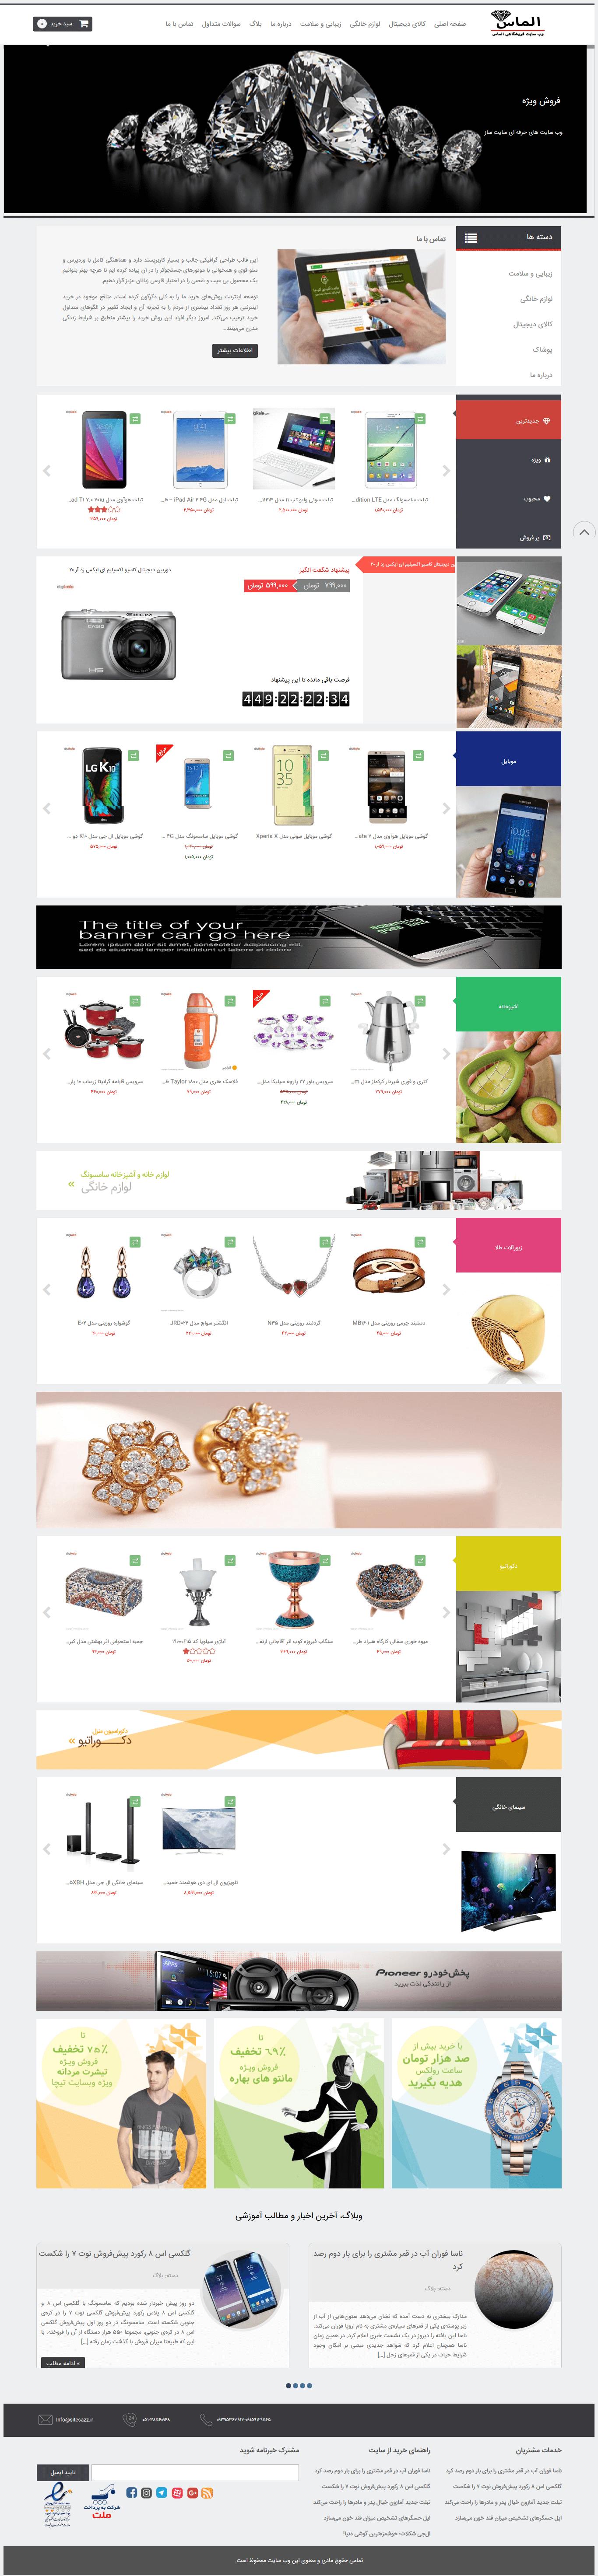 سایت فروشگاهی الماس